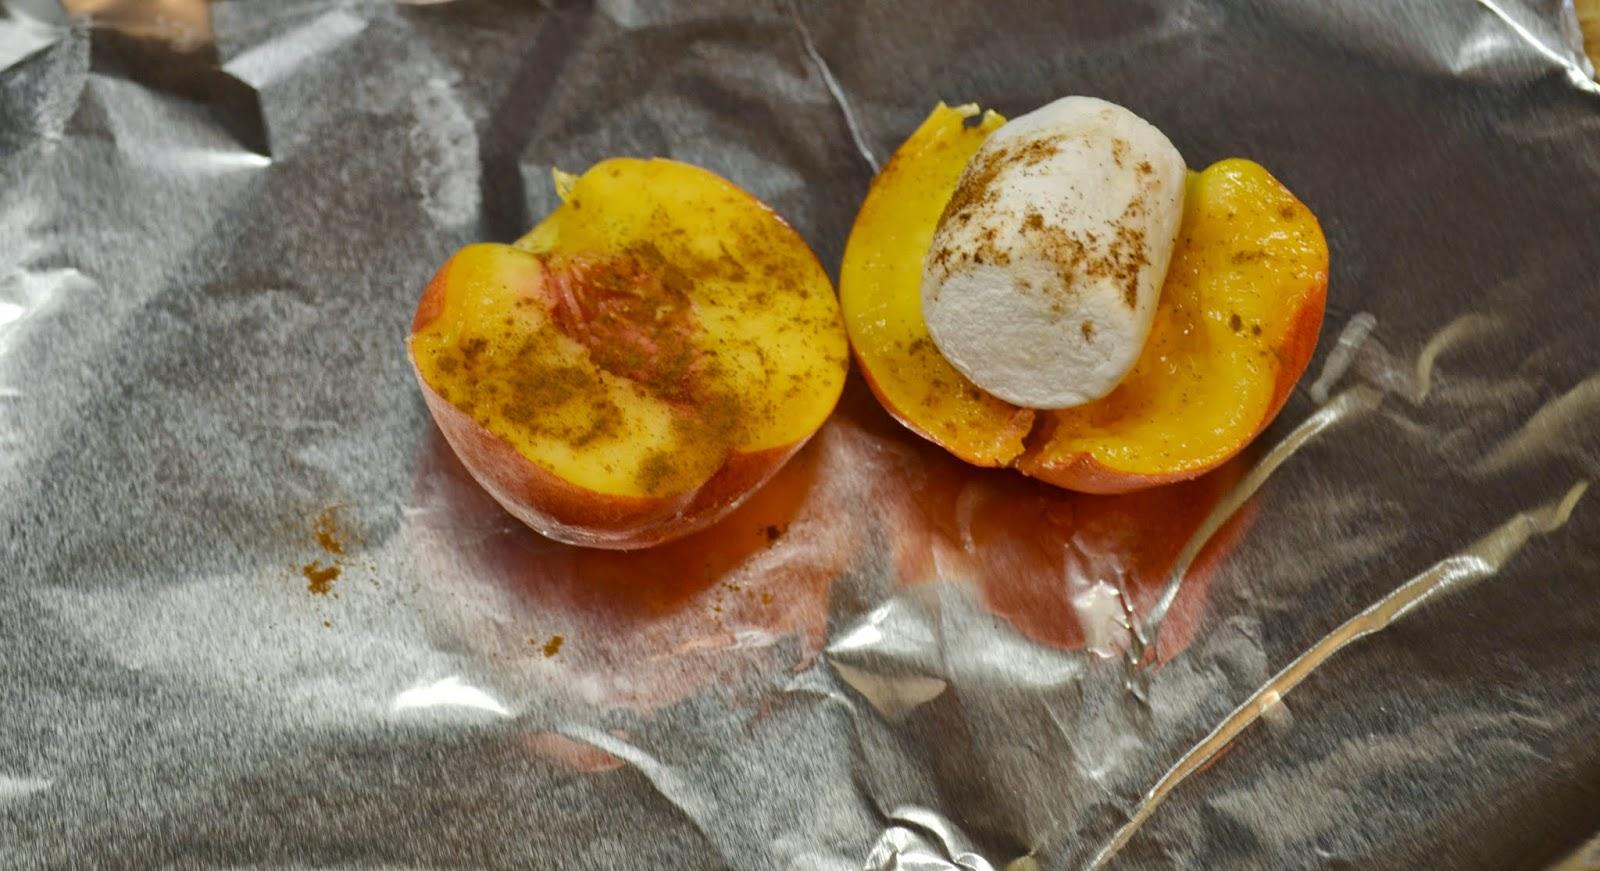 Campfire Peachies Recipe.  Roasting Peaches in campfire.  Roasted Peaches.  Peach S'mores.  Campfire Peaches.  Camping Recipes.  Peach dessert recipes.